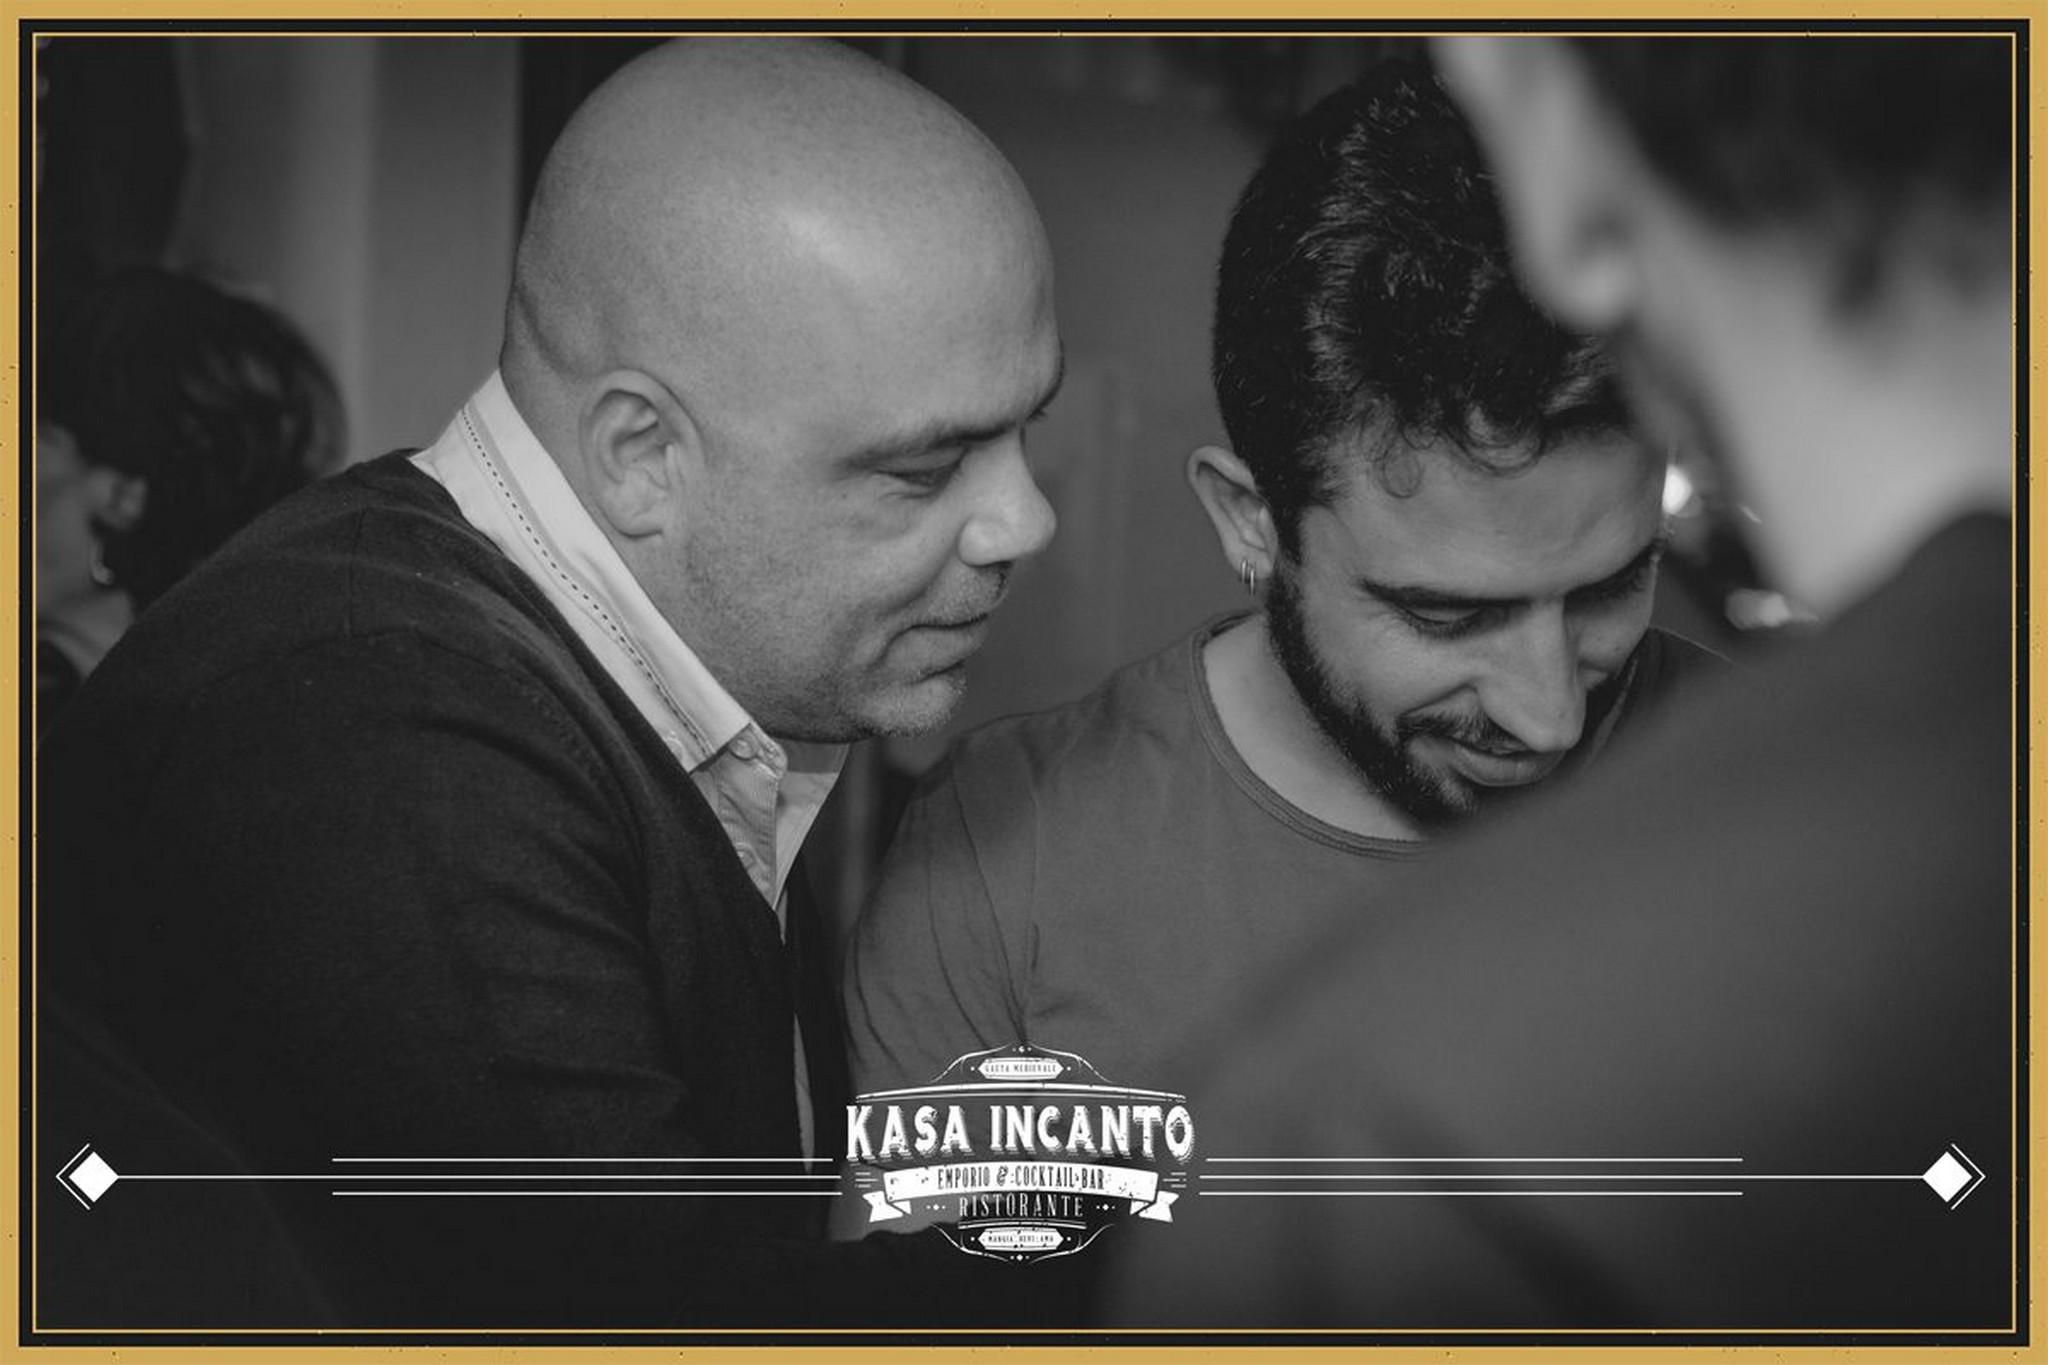 fabio_camboni_Gaeta_Drink_Positive_consulenze__apertura_locali_corsi_barman_116